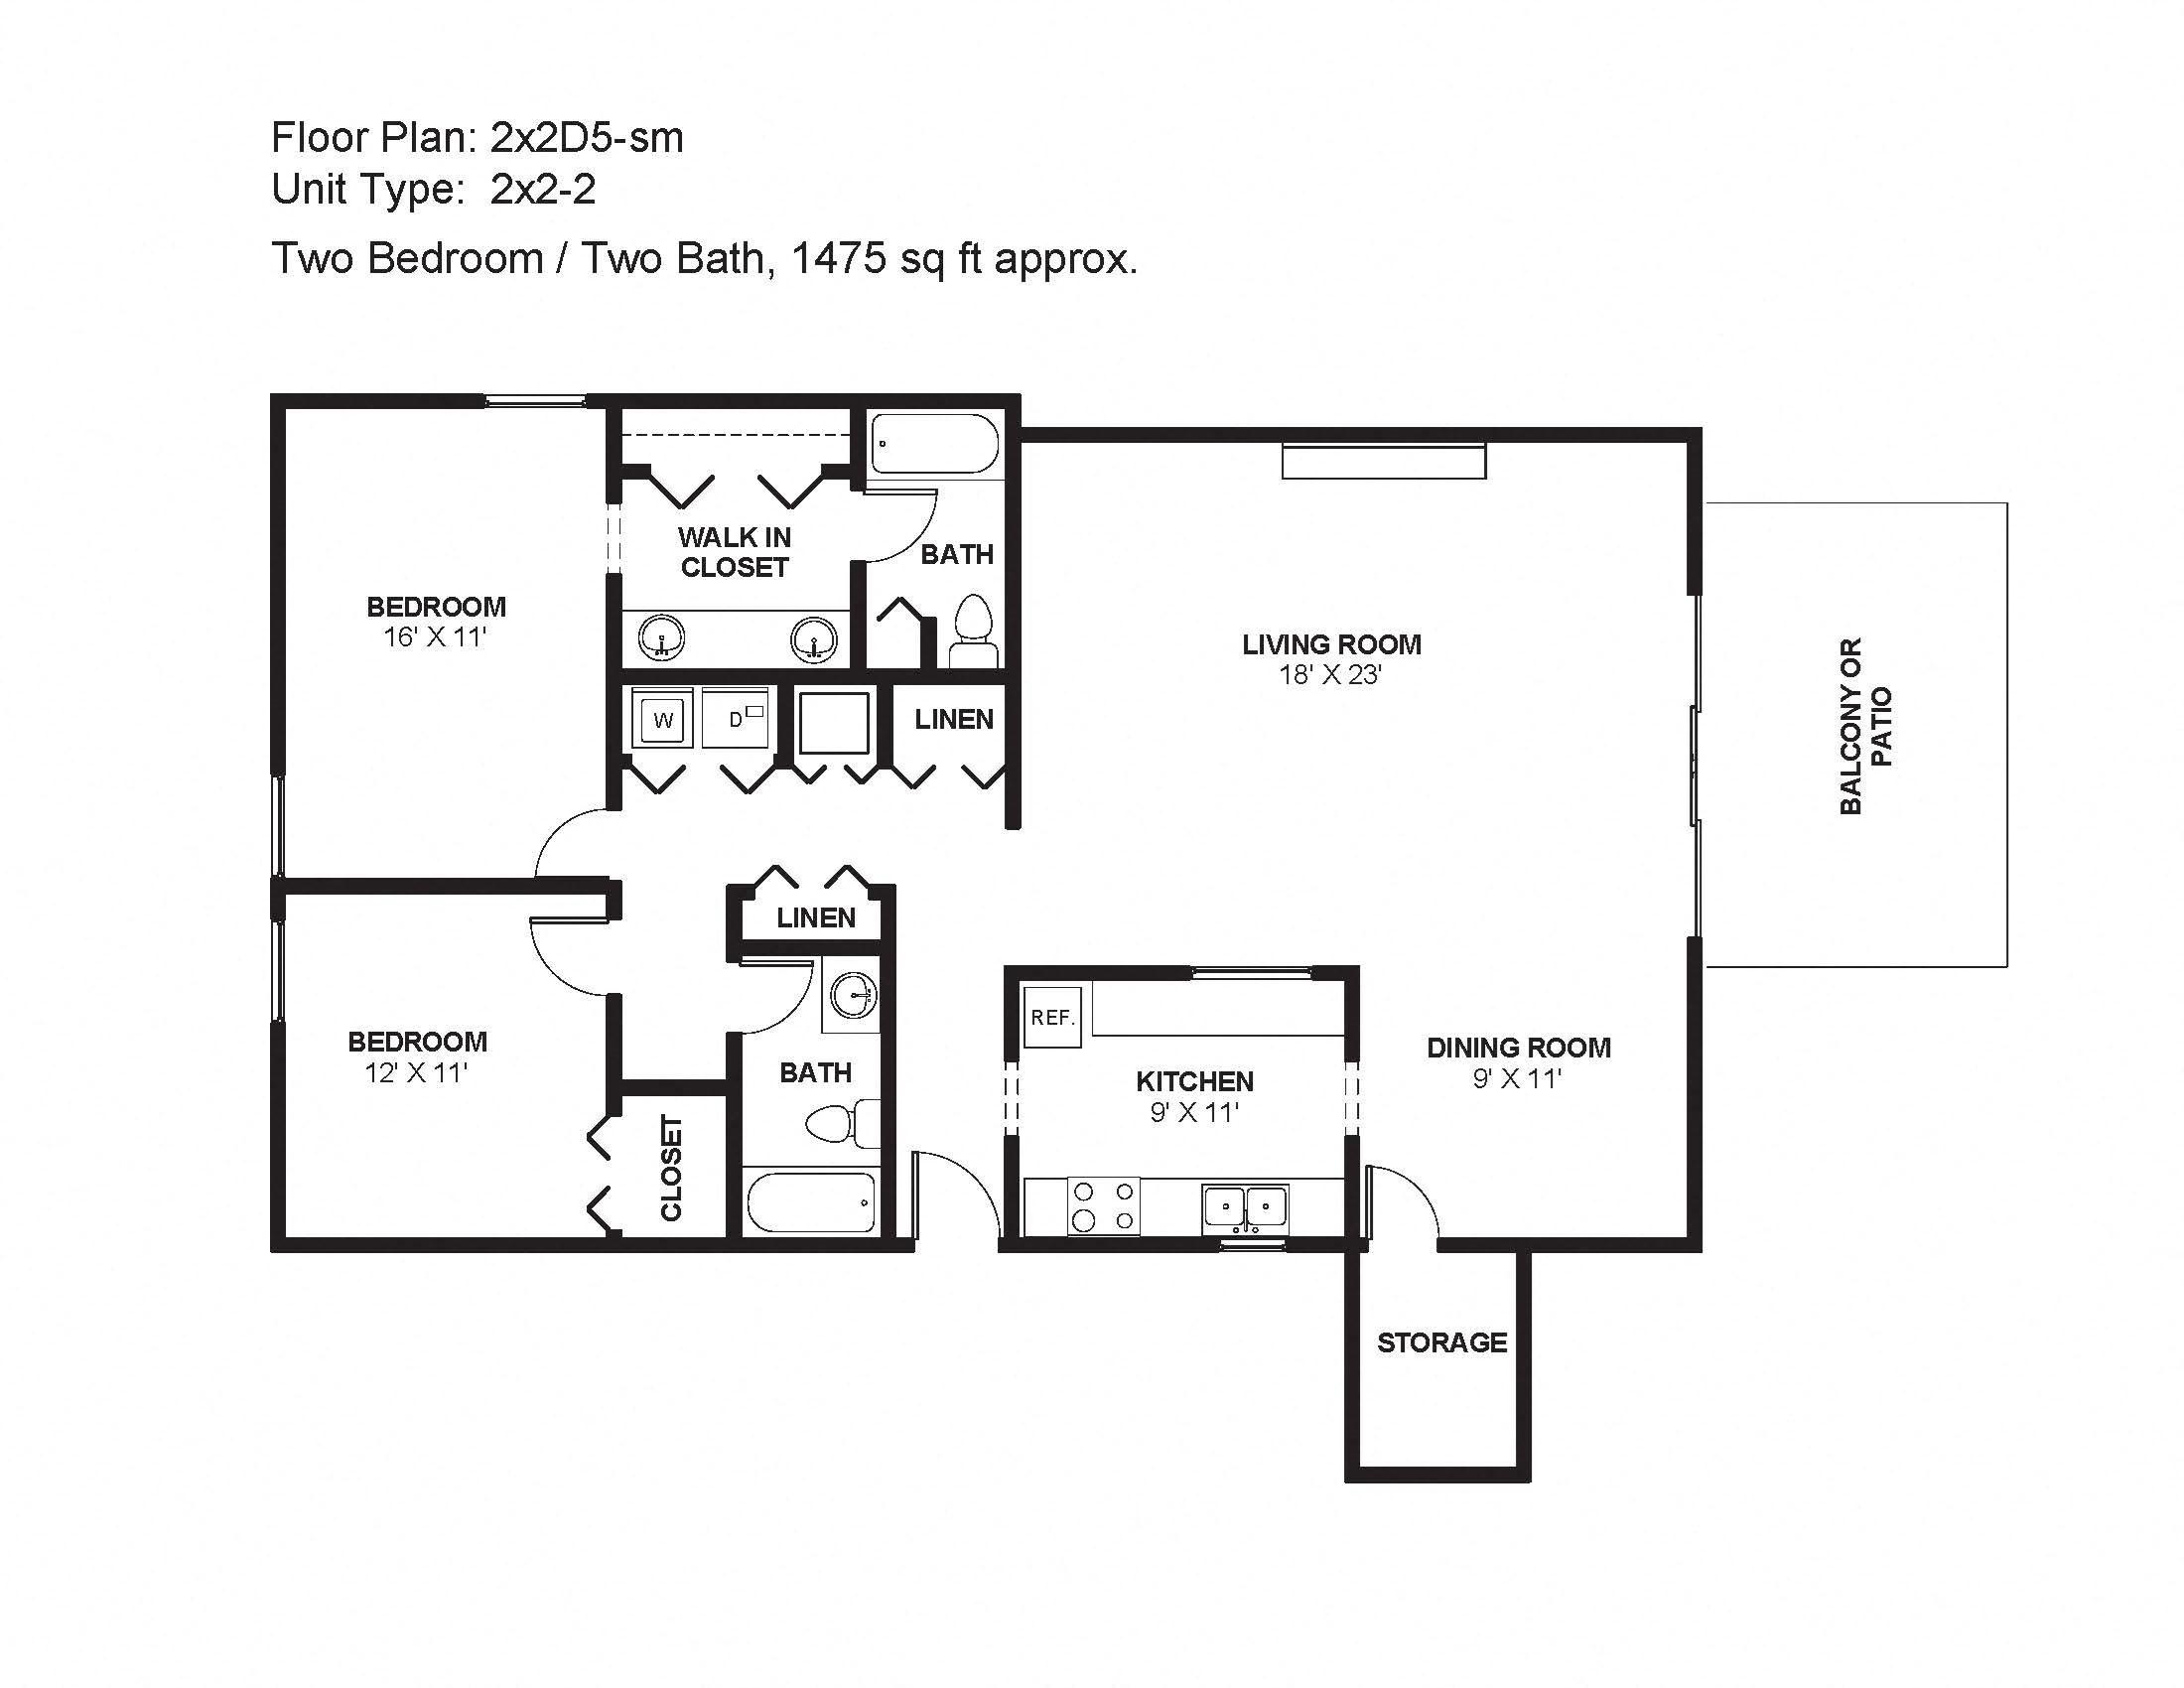 2x2D5-sm Floor Plan 10